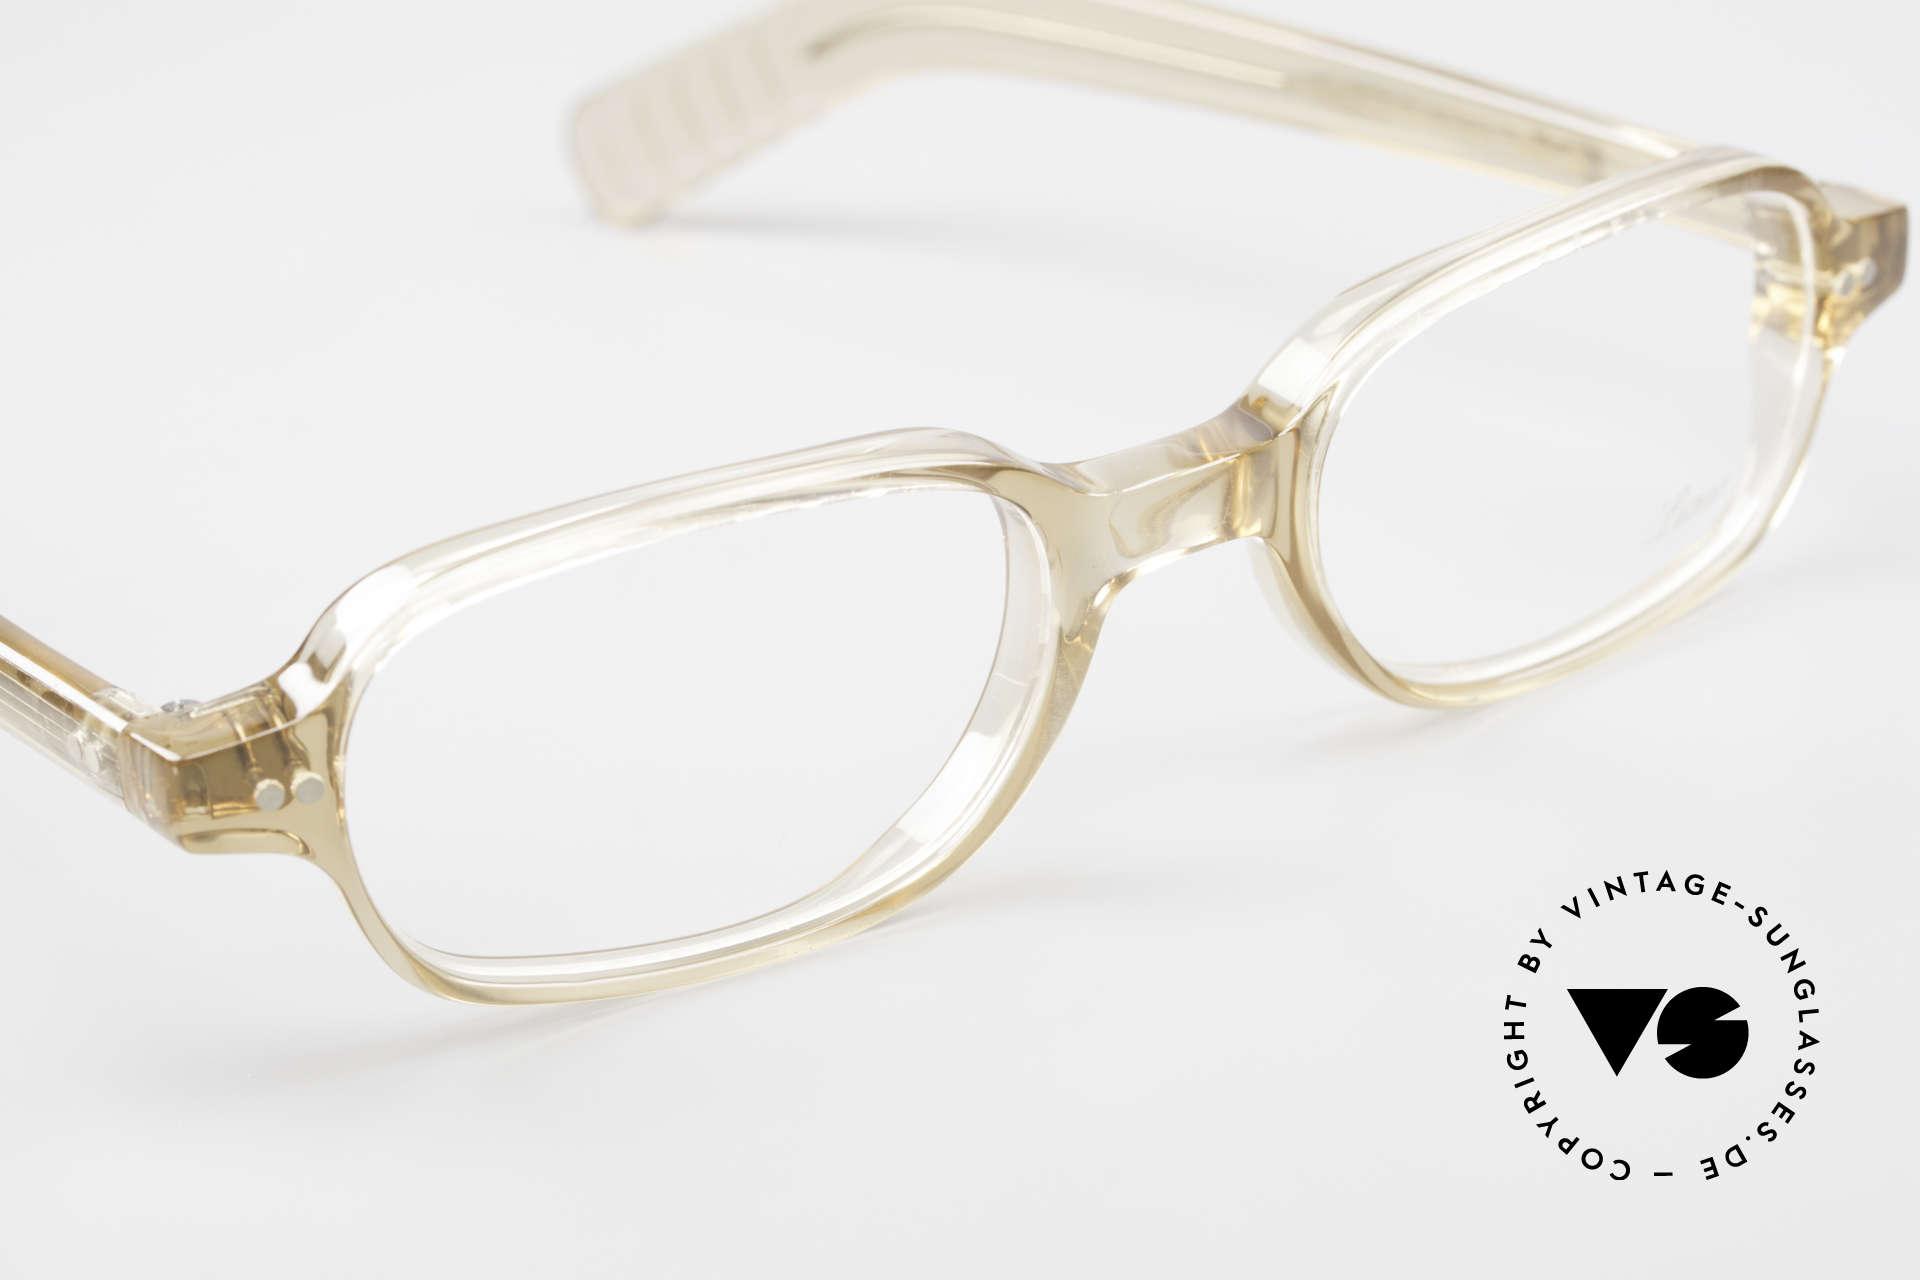 Lunor A56 Klassische Lunor Acetat Brille, ungetragen (wie alle unsere seltenen LUNOR Brillen), Passend für Herren und Damen